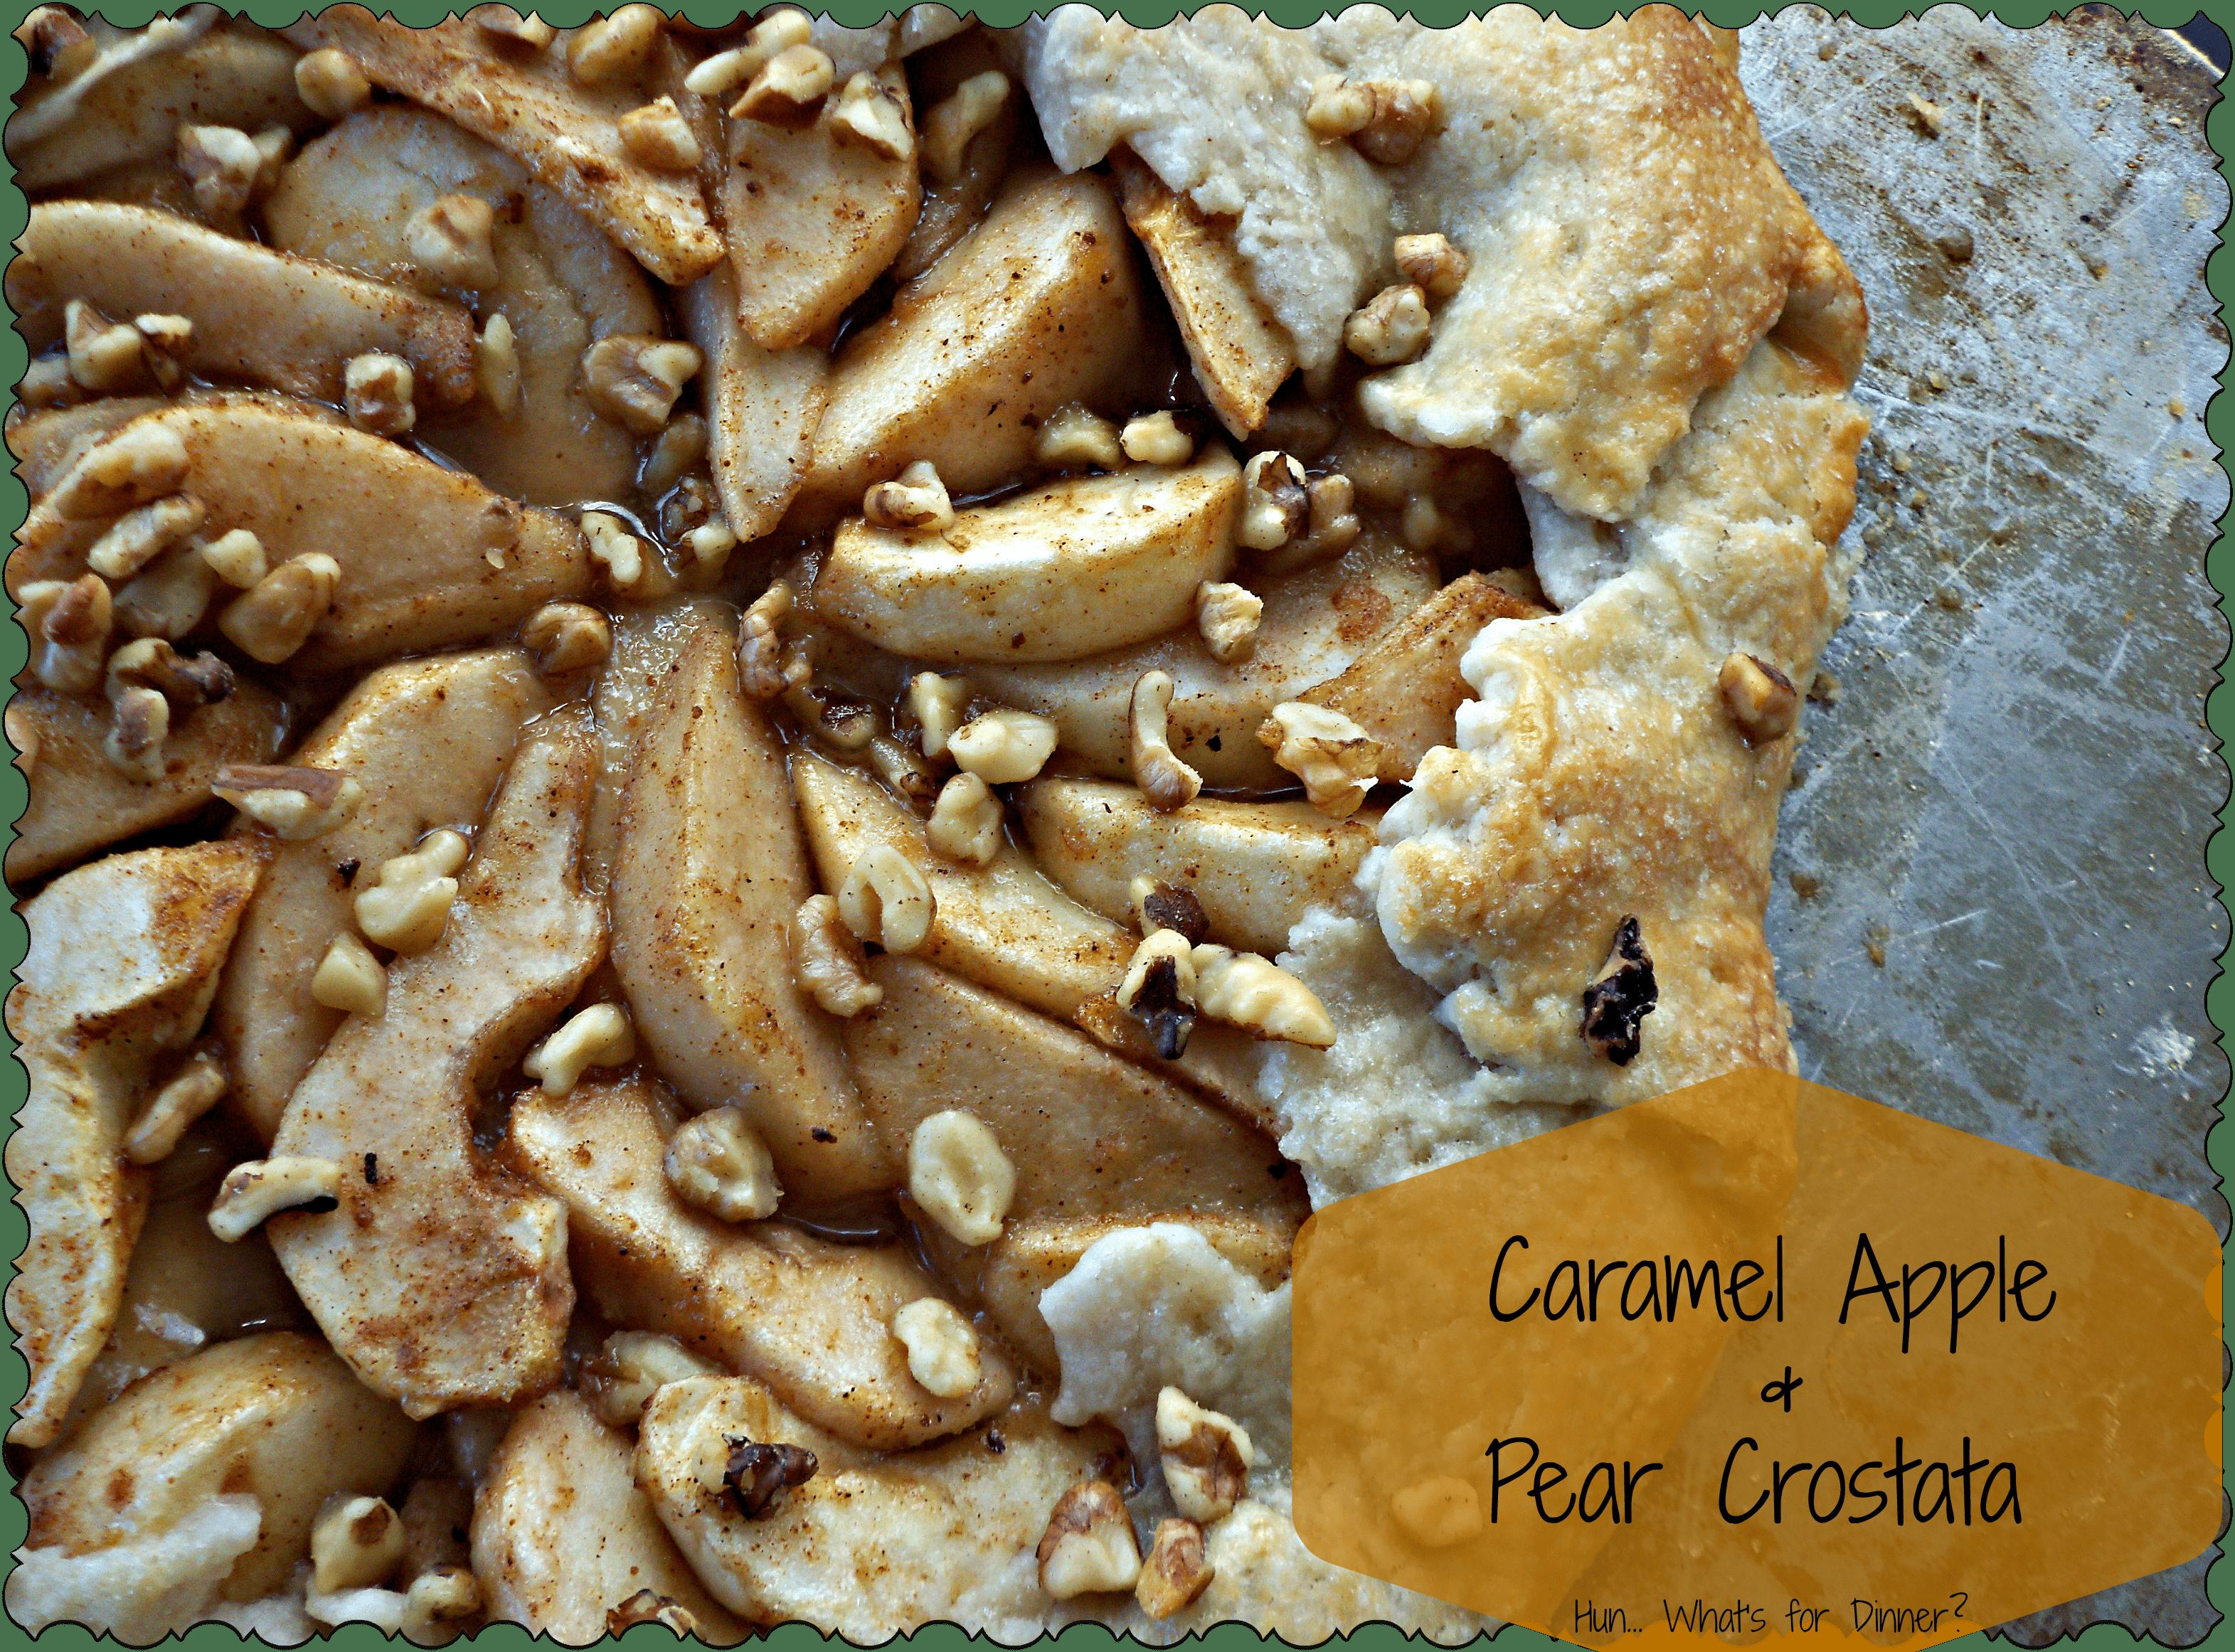 Caramel Apple and Pear Crostata #recipe